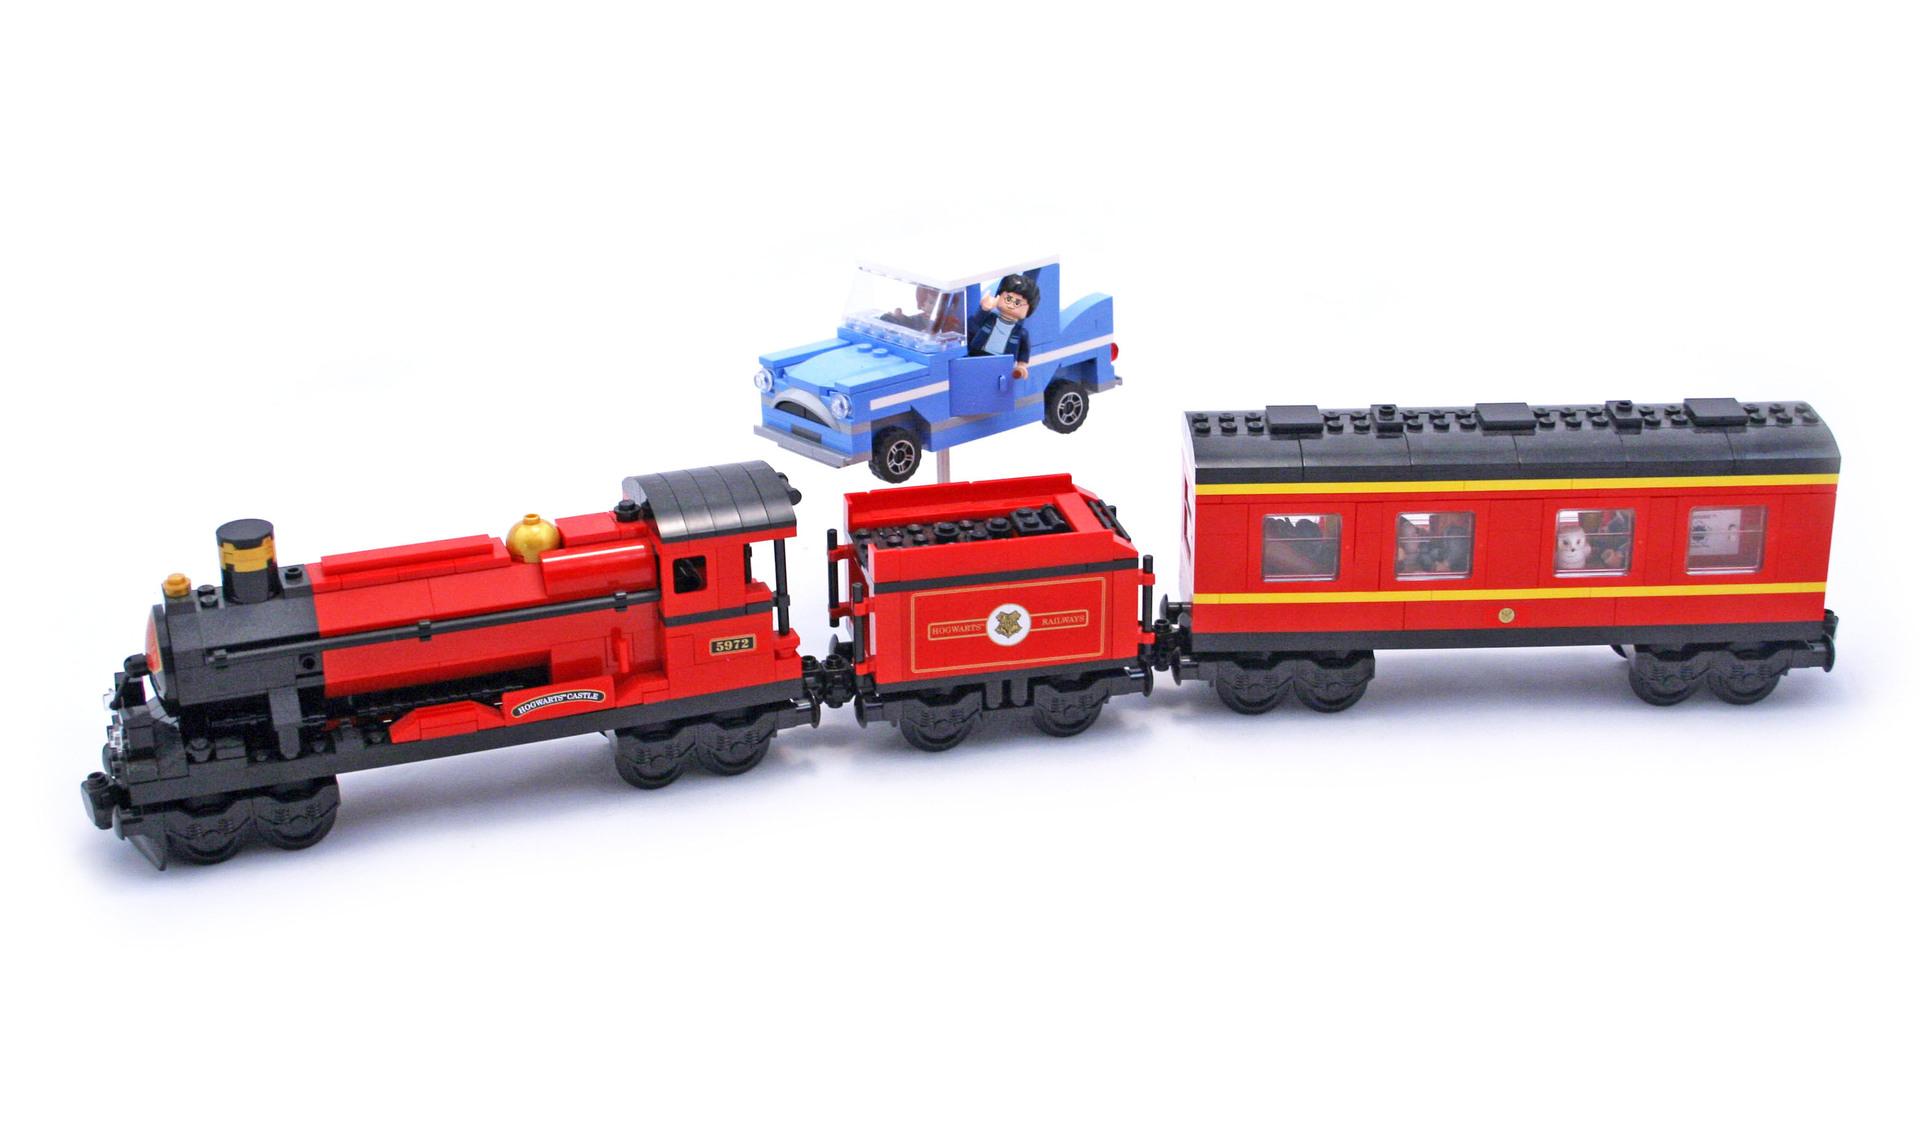 Hogwarts Express Lego Set 4841 1 Building Sets Harry Potter